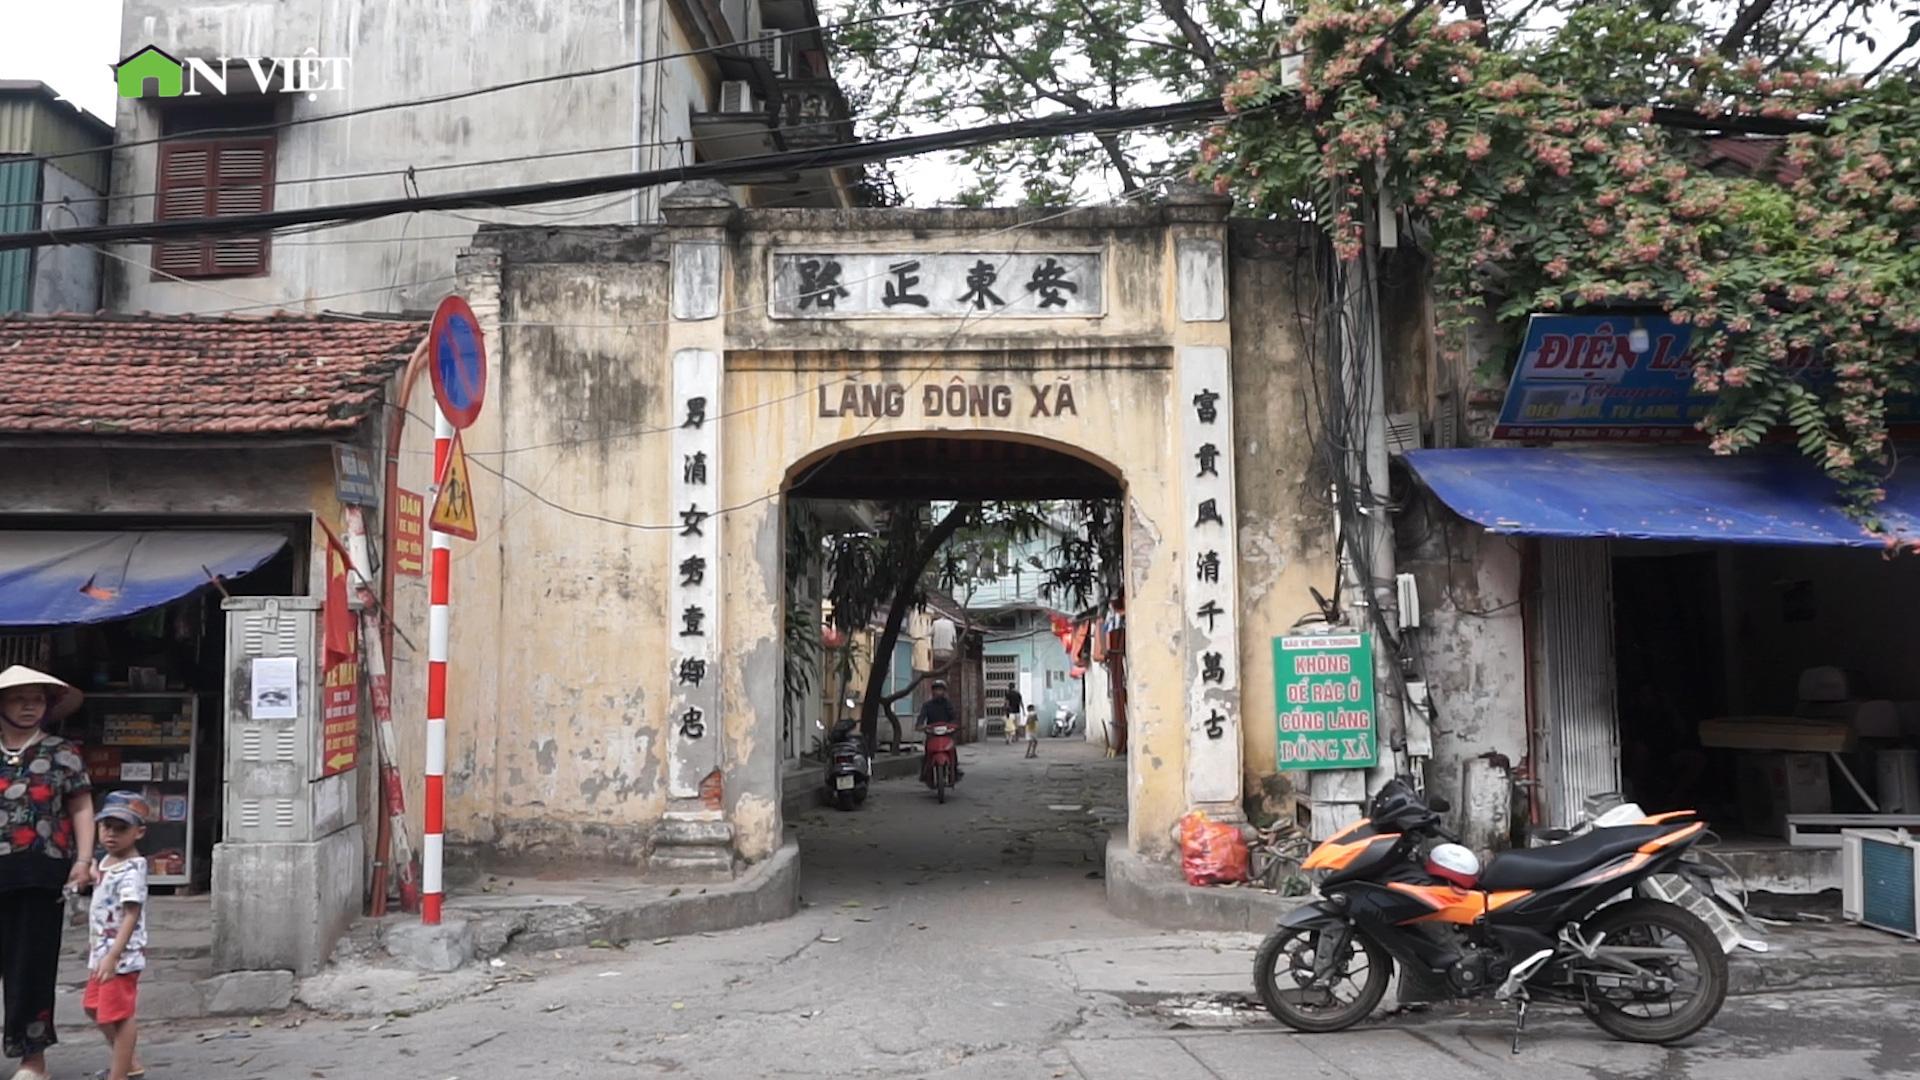 Ký ức cổng làng Việt, nơi lưu giữ những nét đẹp văn hóa